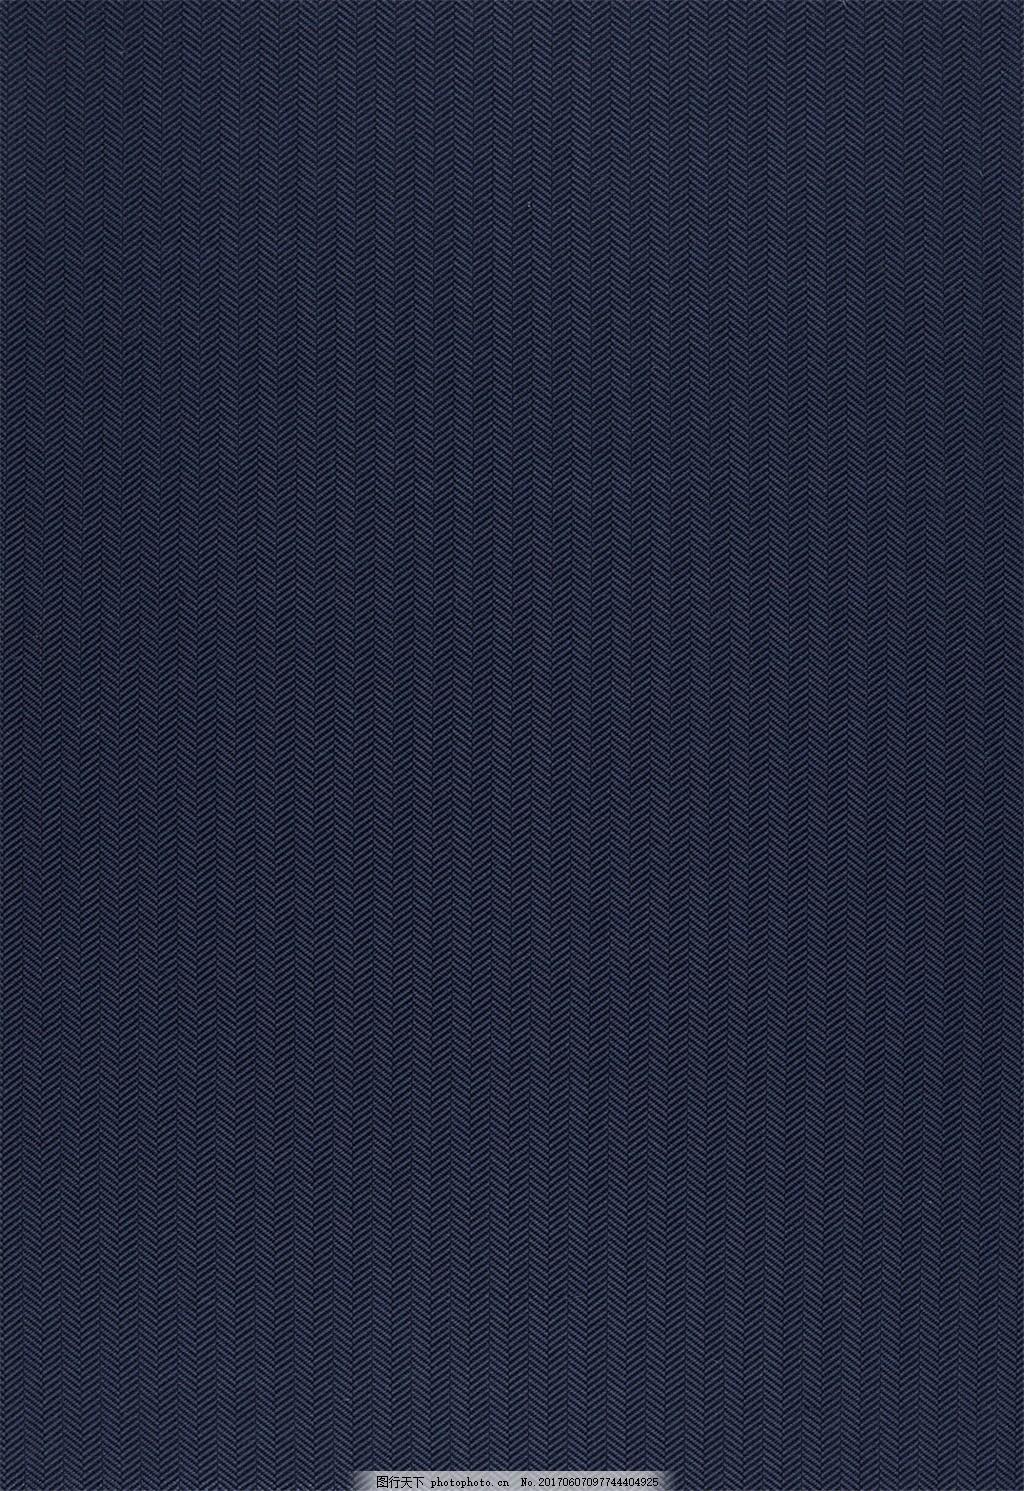 深蓝色无缝壁纸图片下载 中式花纹背景 壁纸素材 无缝壁纸素材 欧式花